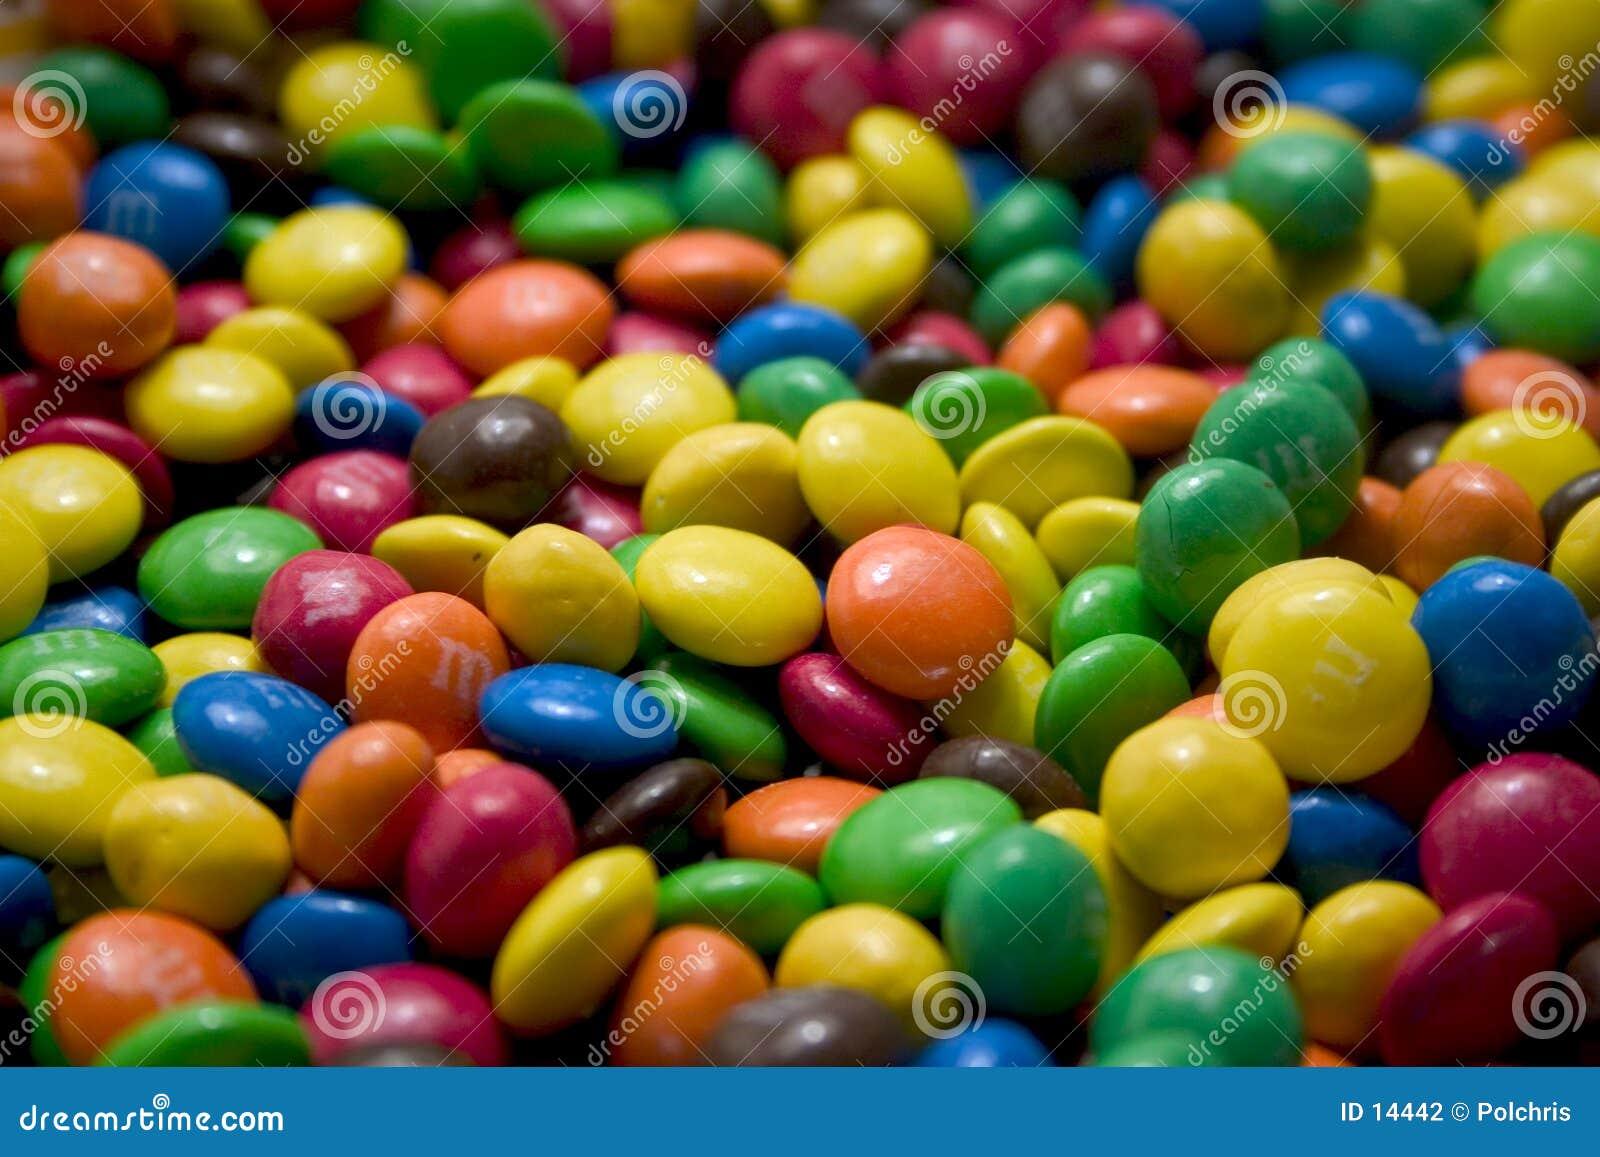 шоколад конфет